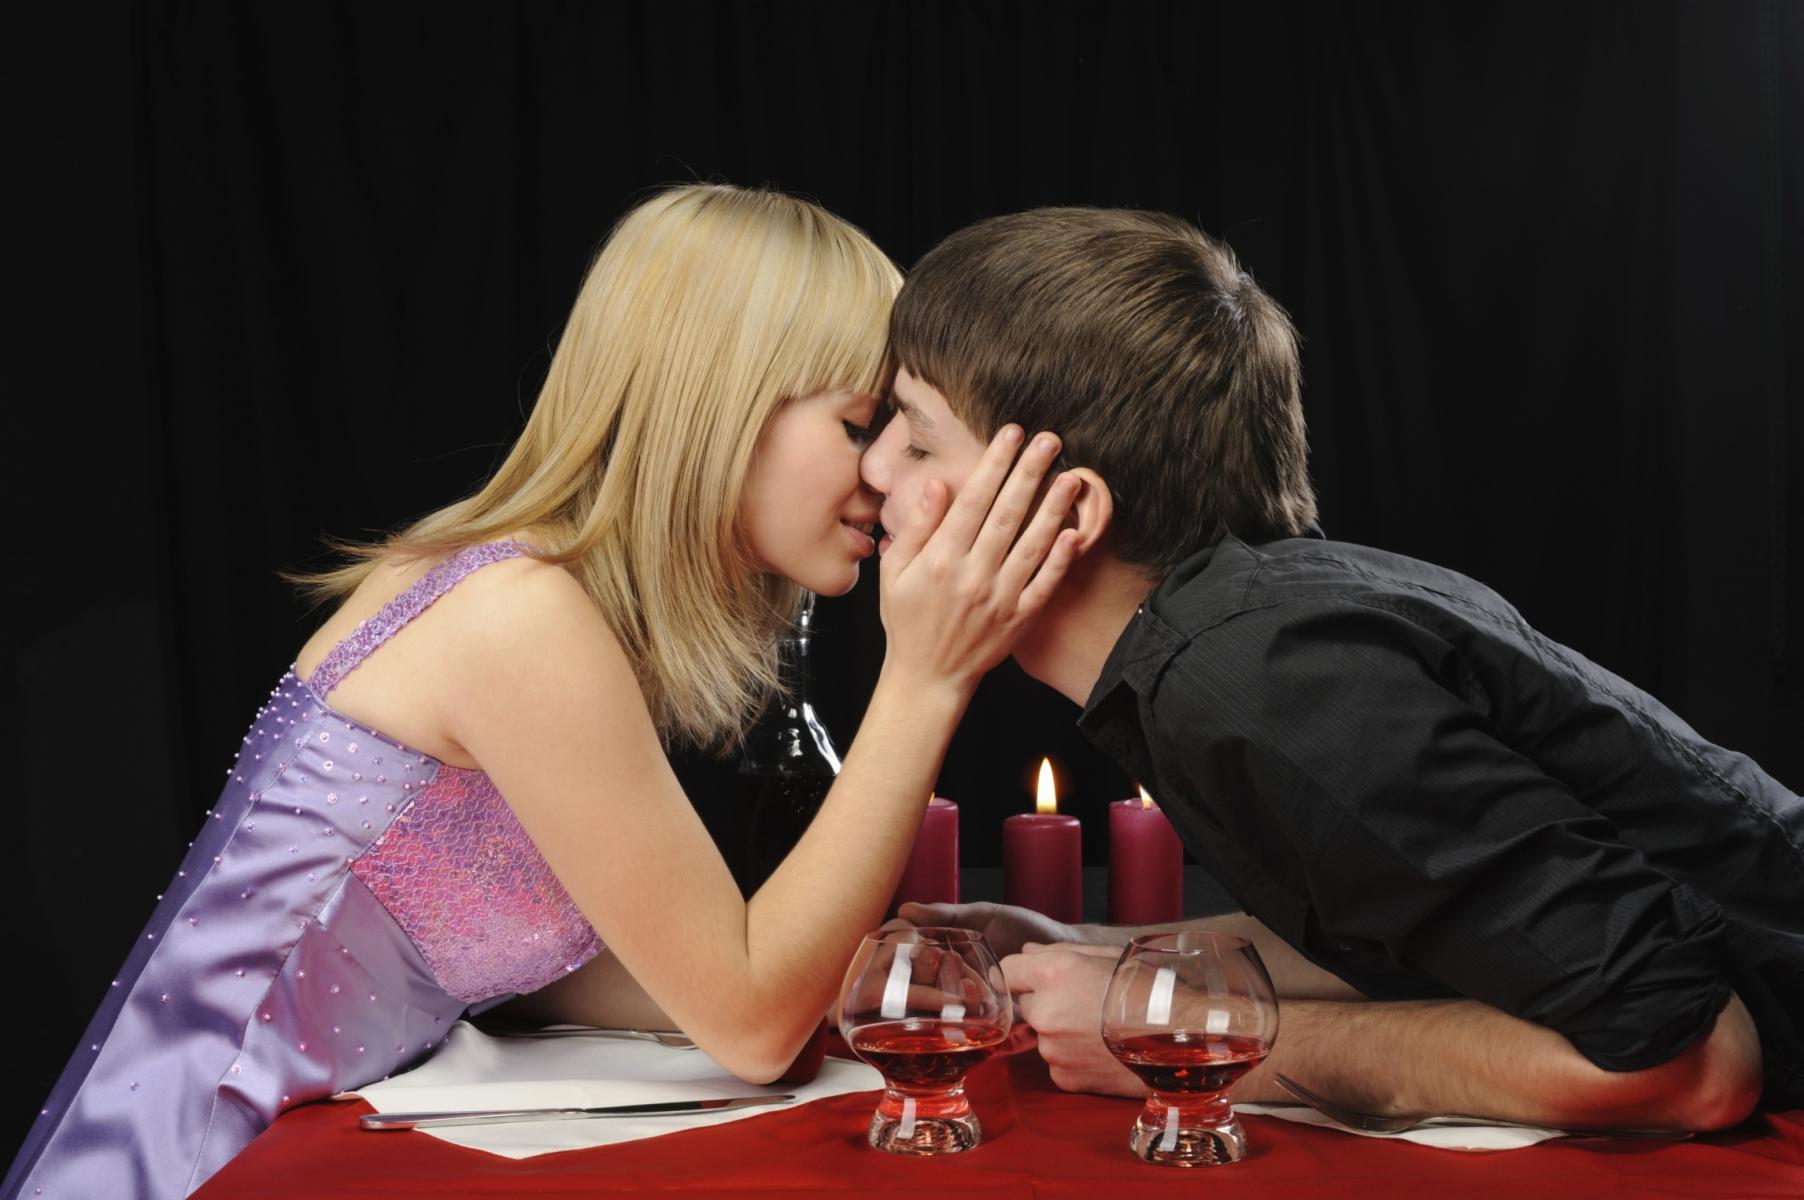 Una noche romántica y de pasión